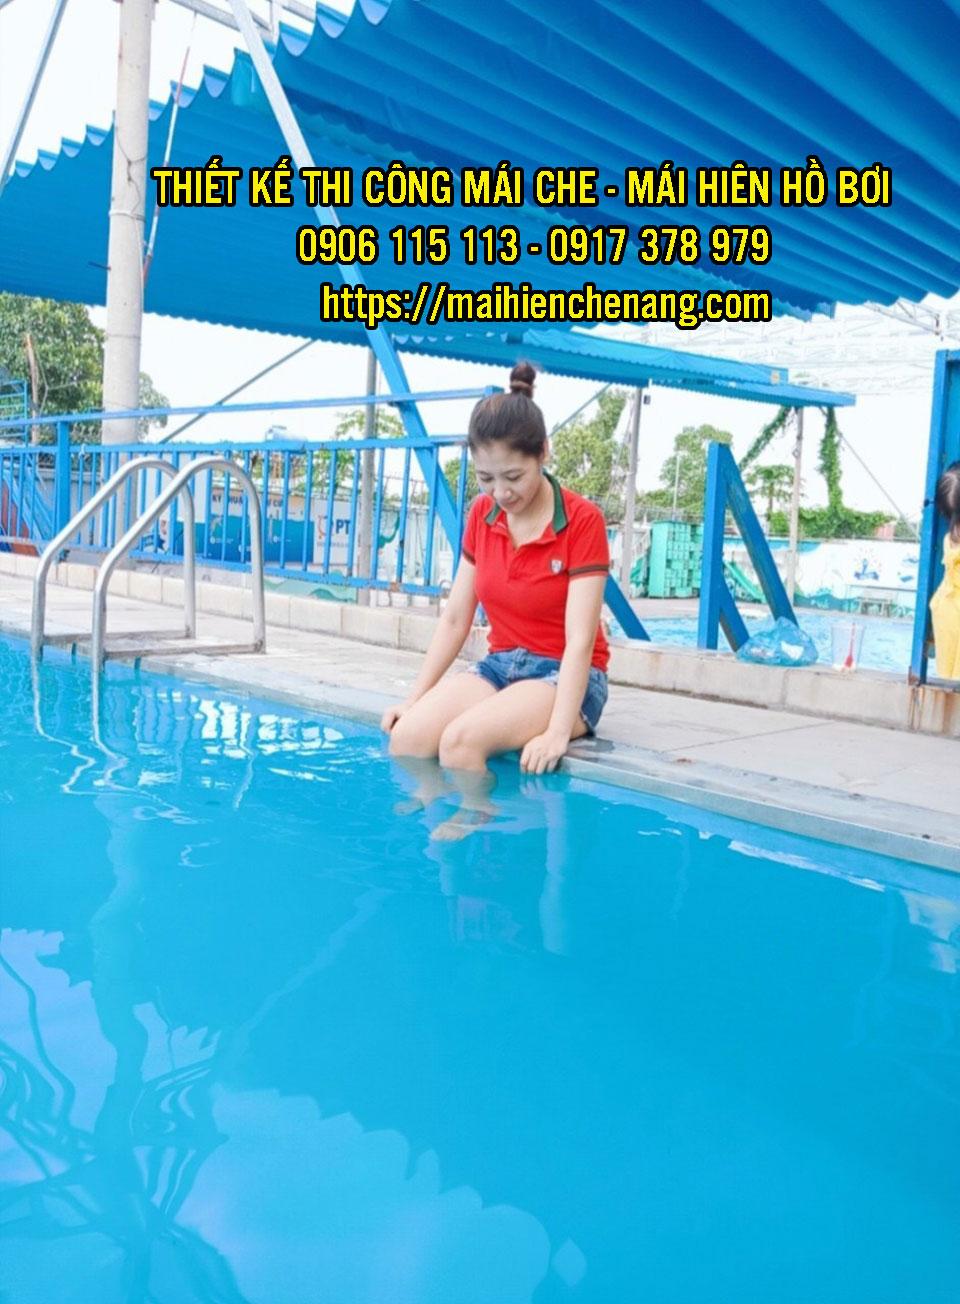 Bạt che nắng mưa hồ bơi, bạt mái xếp hồ bơi